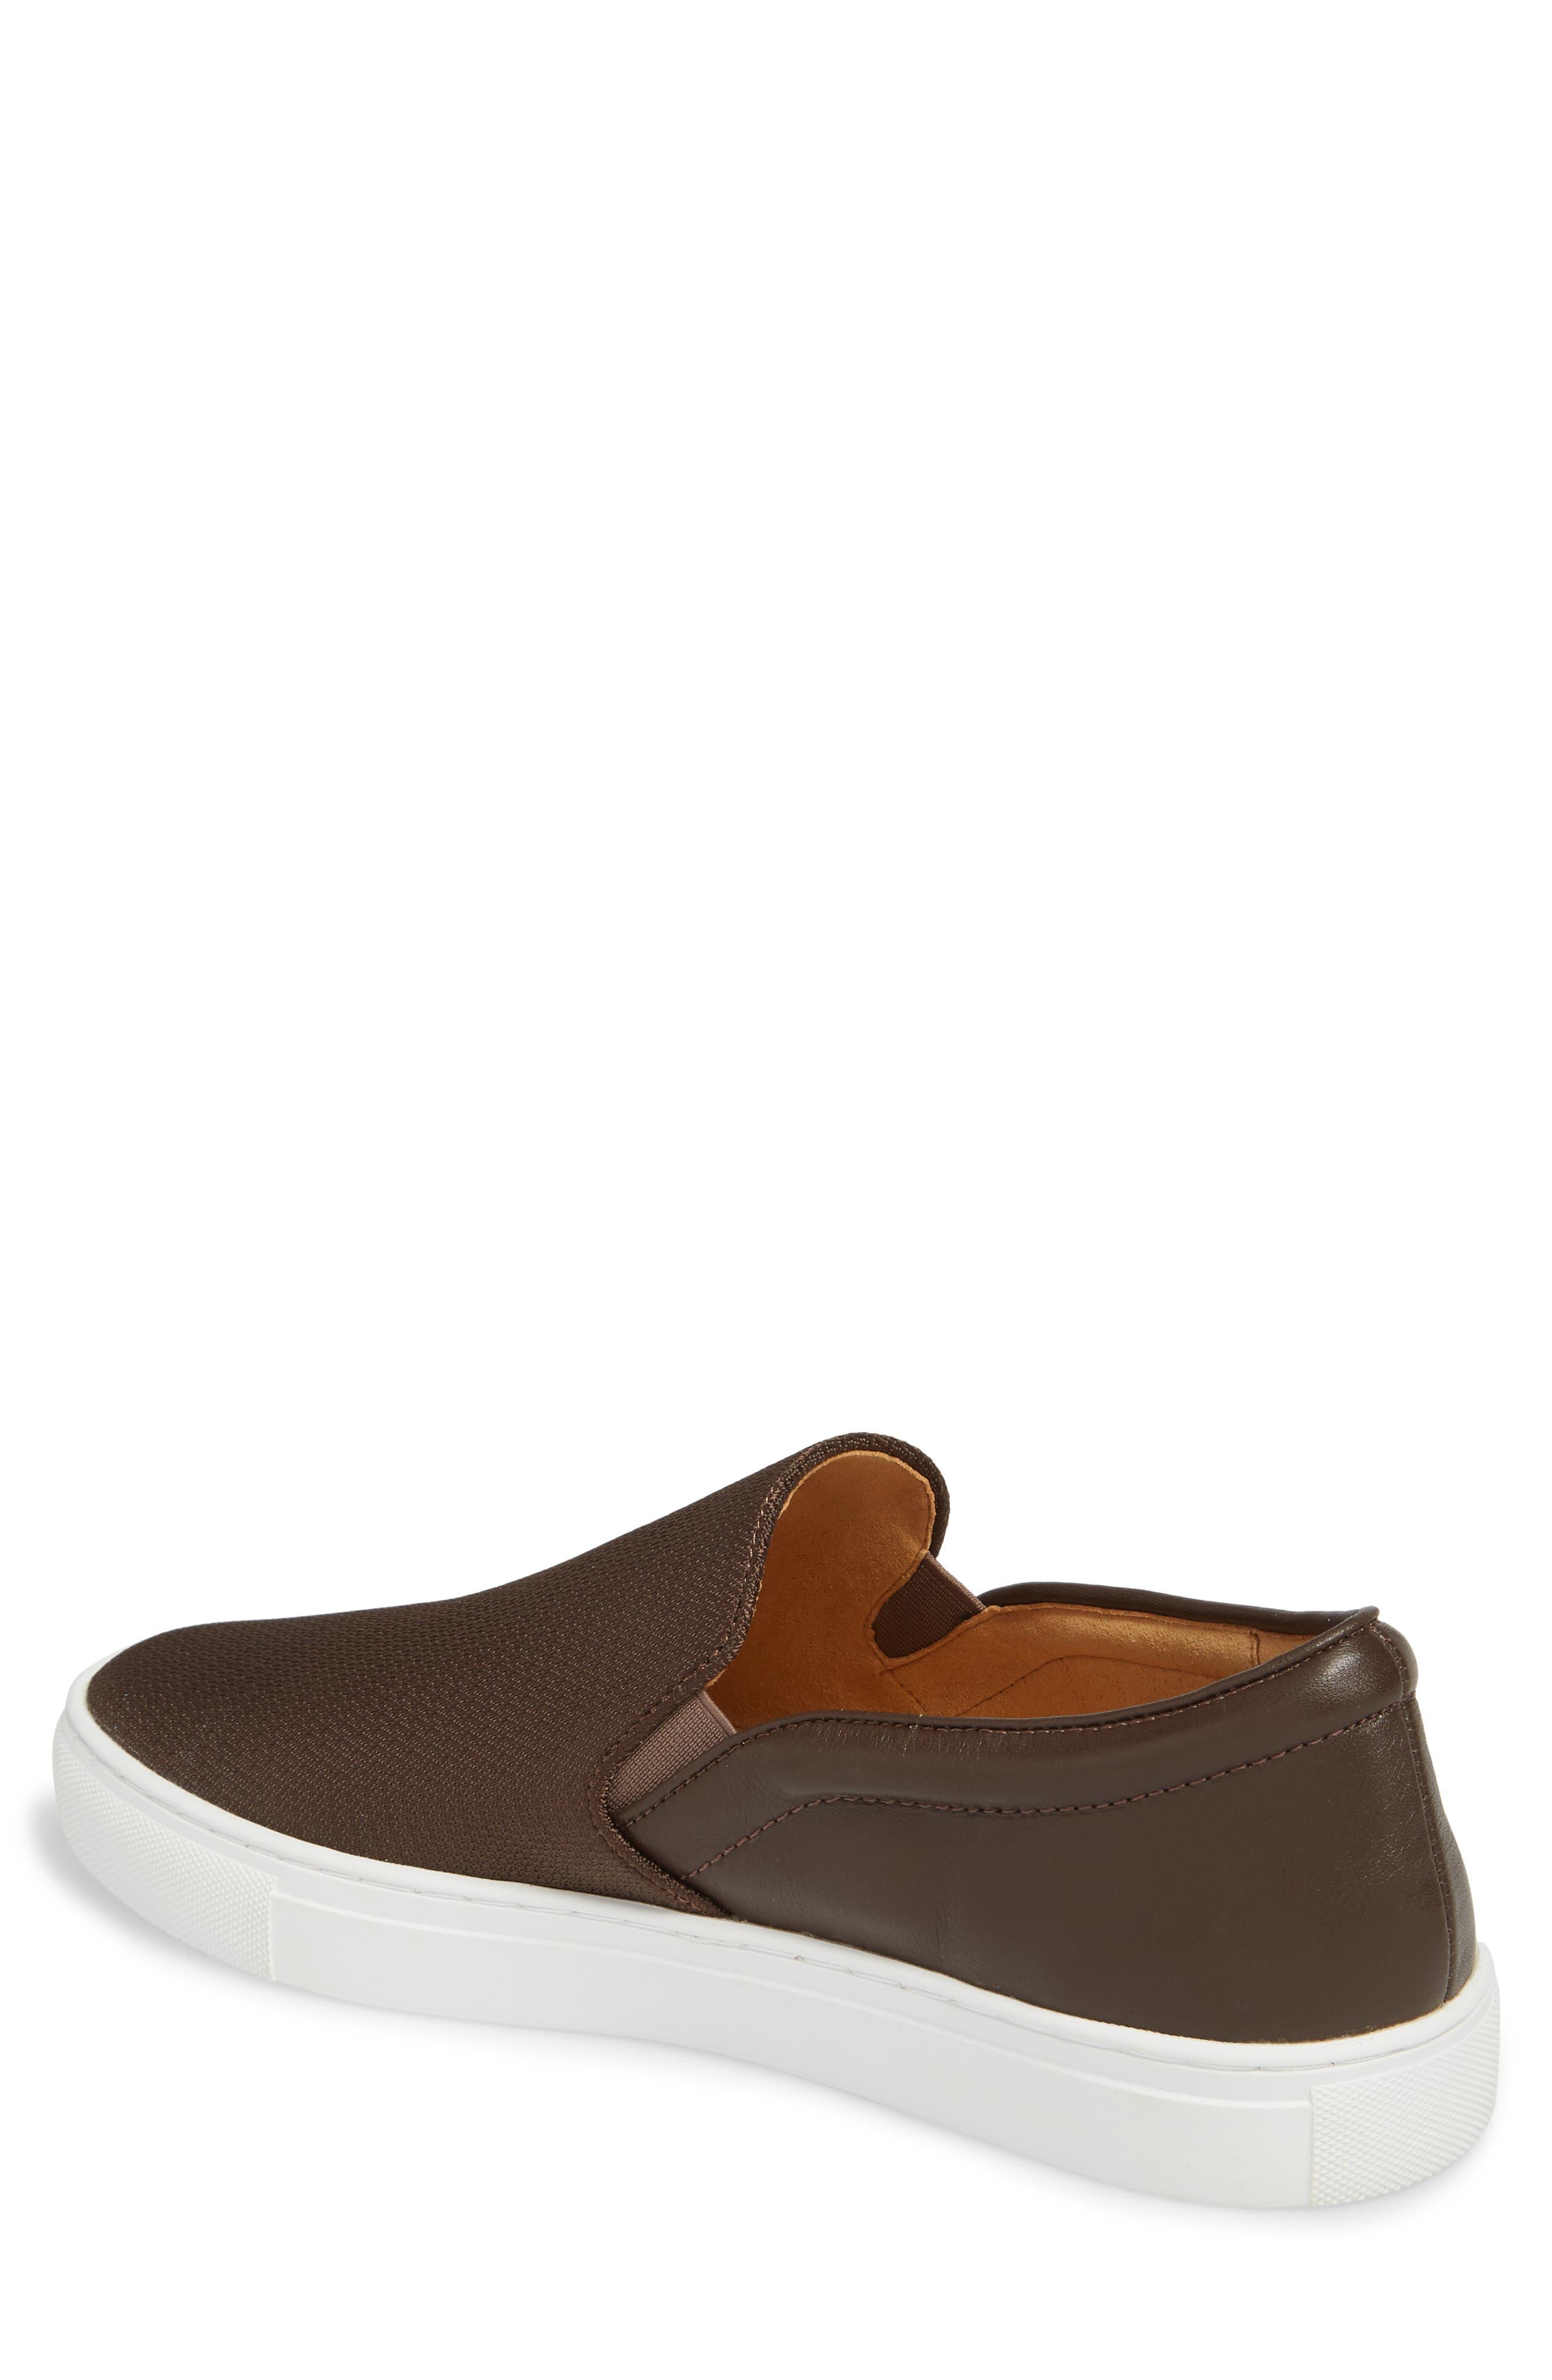 Albin Raffia Slip-On Sneaker,                             Alternate thumbnail 2, color,                             Espresso